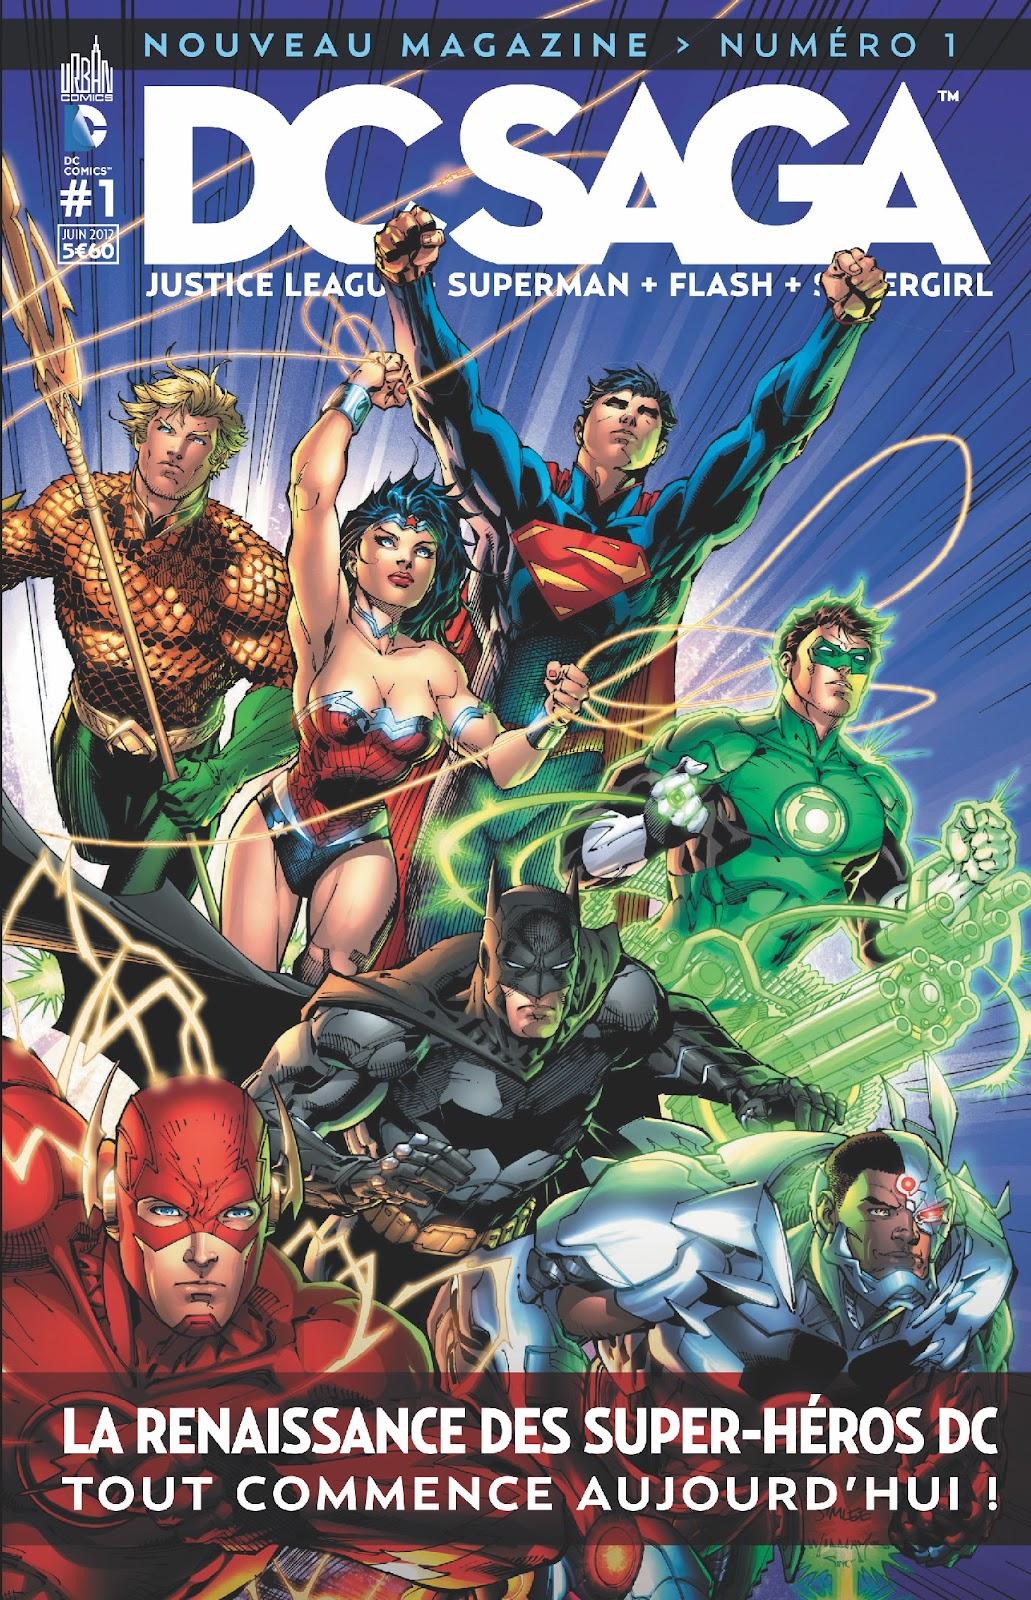 DC Saga #1